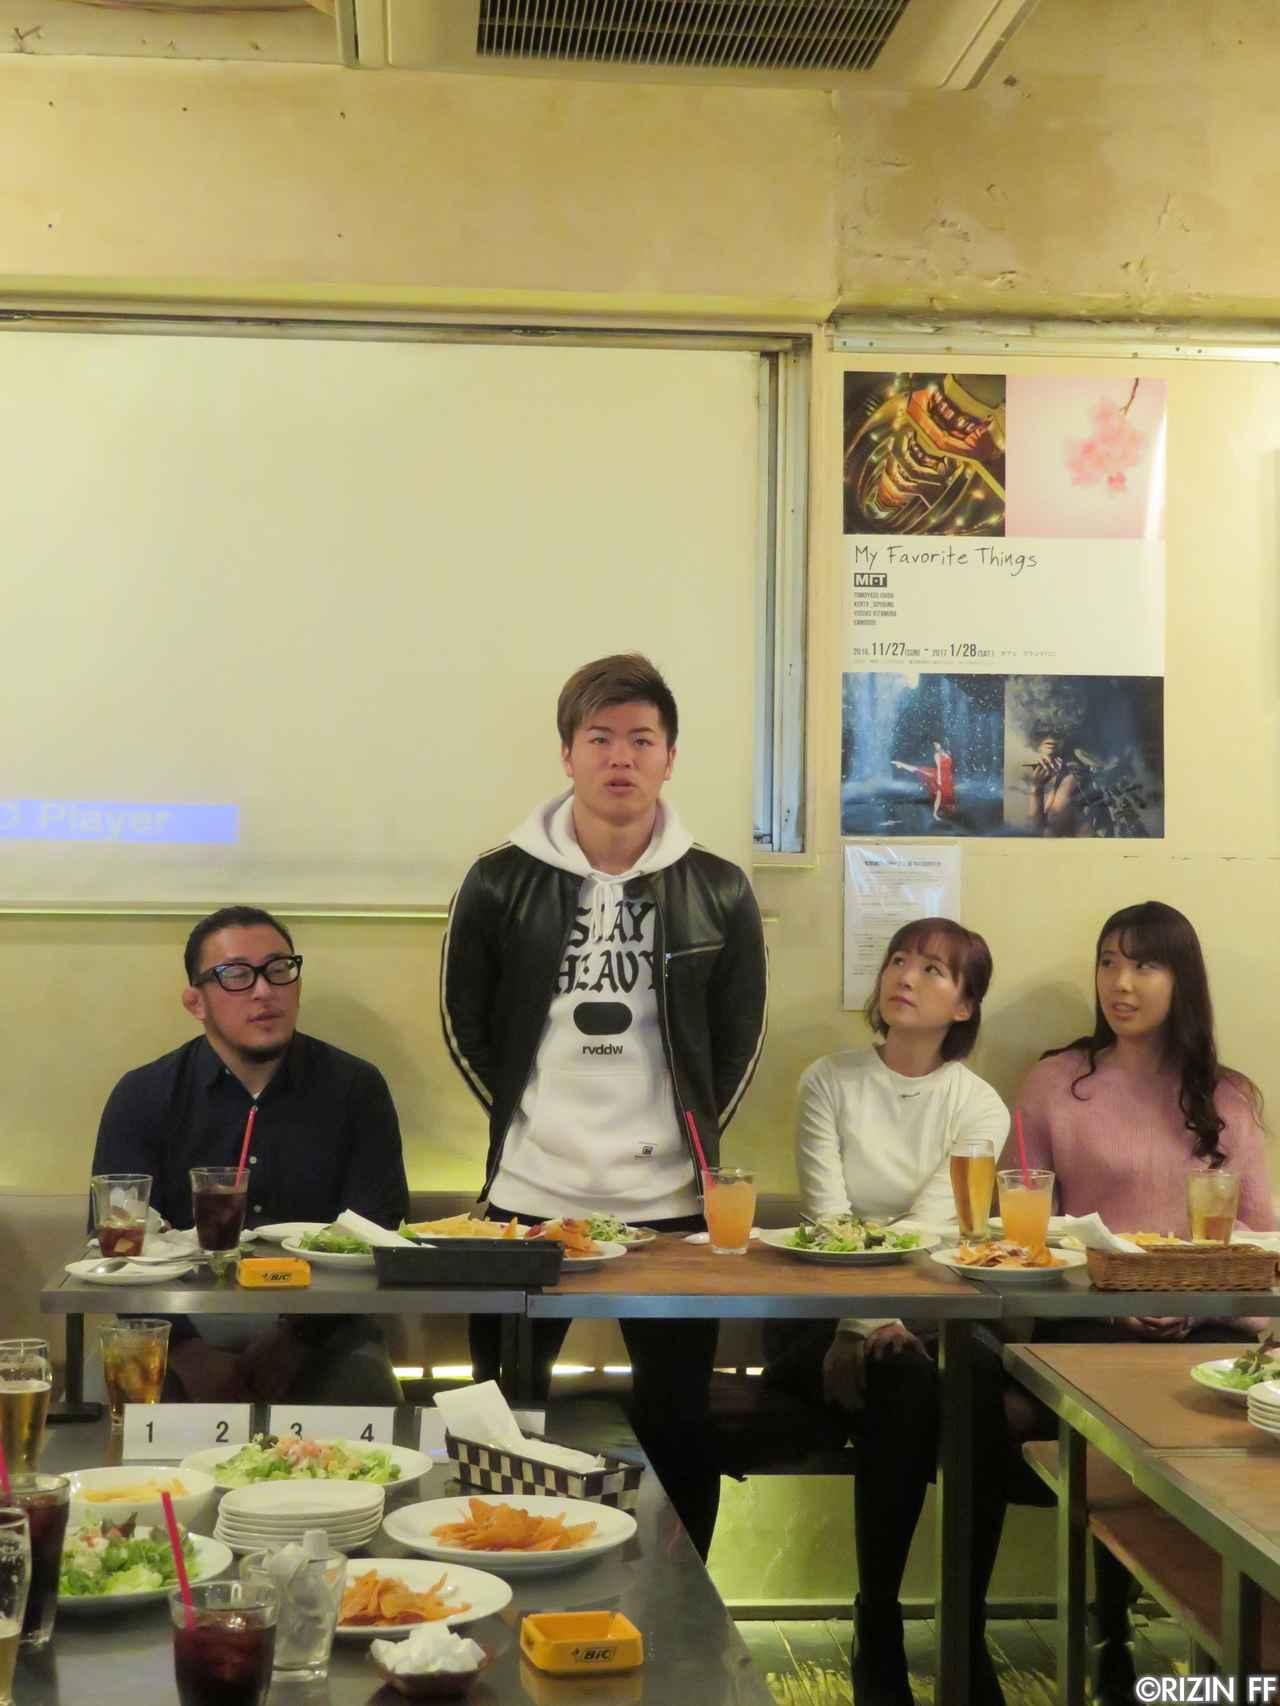 画像3: [イベント]RIZIN 新春スペシャル年始会 開催レポート